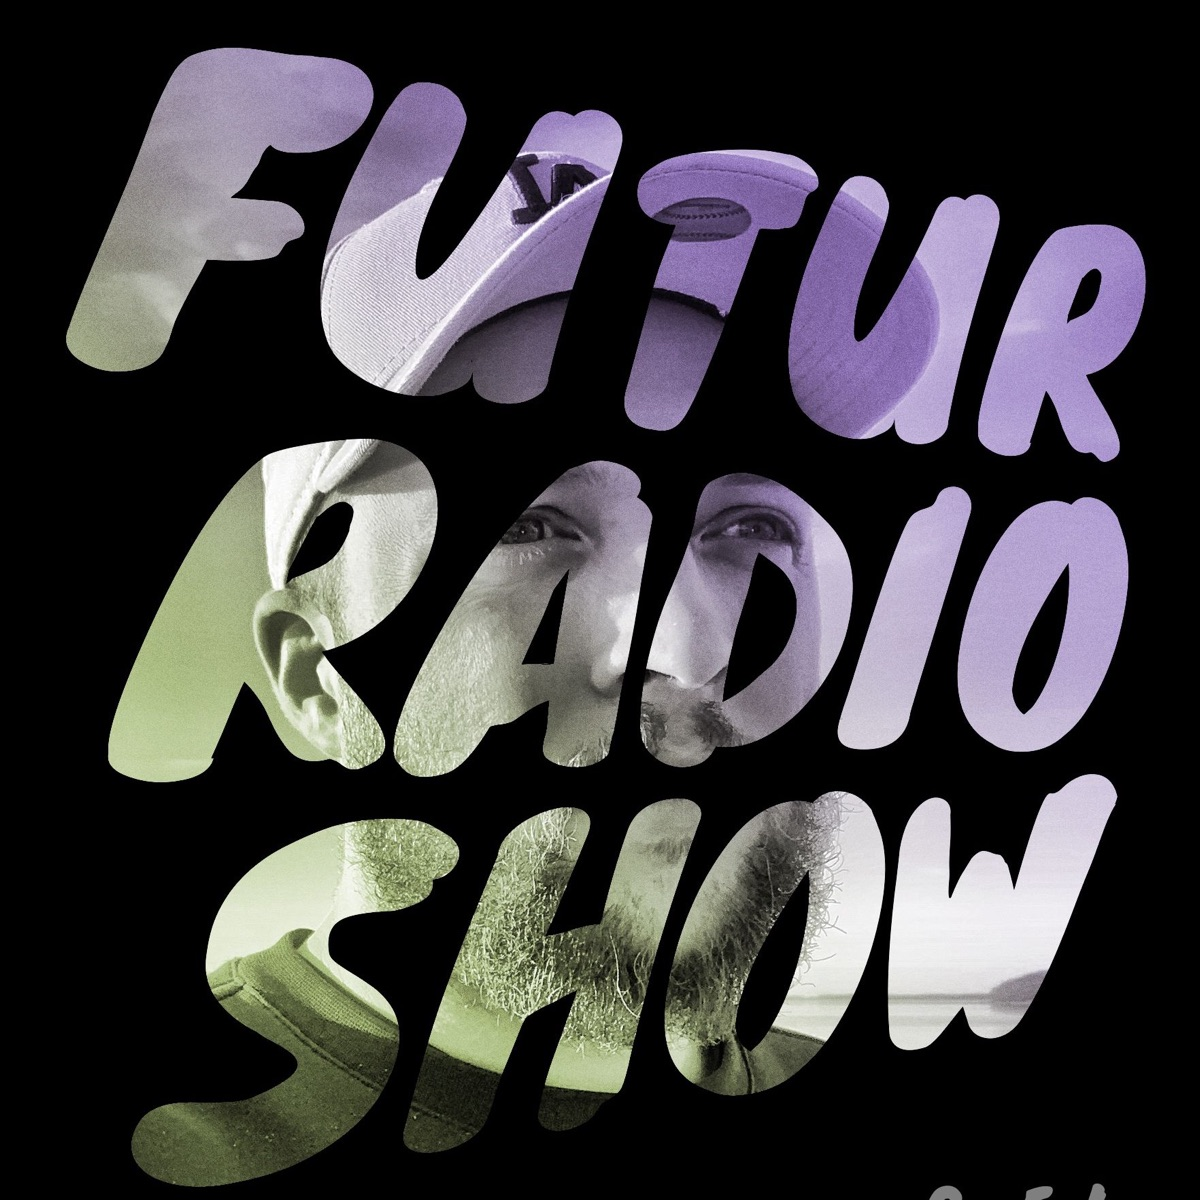 FUTUR RADIO SHOW